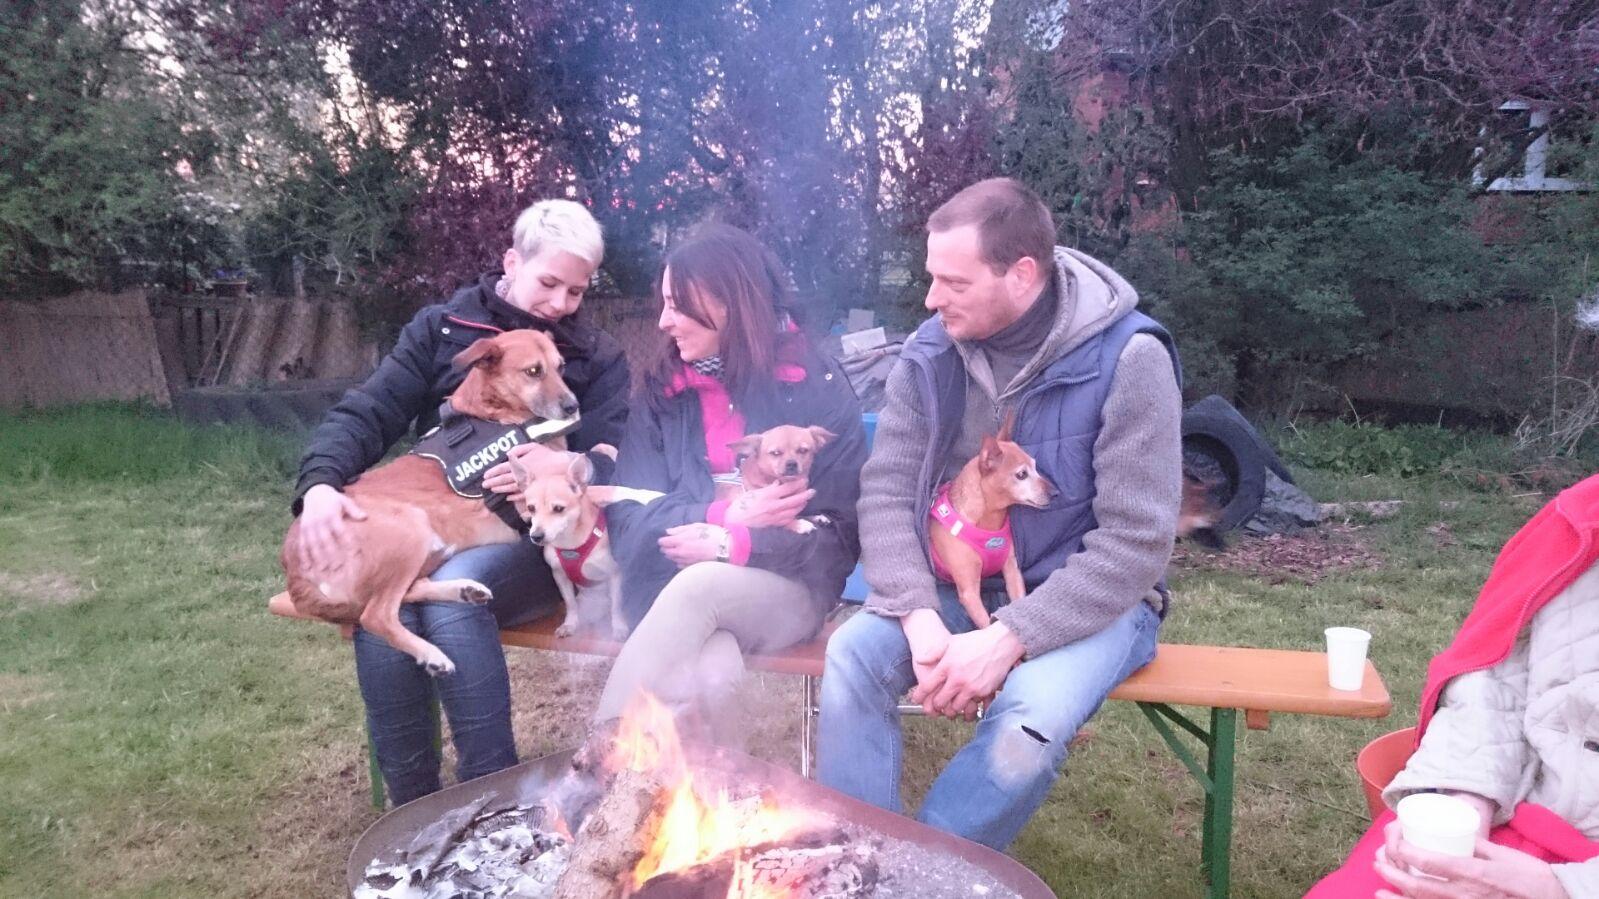 Lagerfeuer mit den Vierbeinigen Freunden genießen